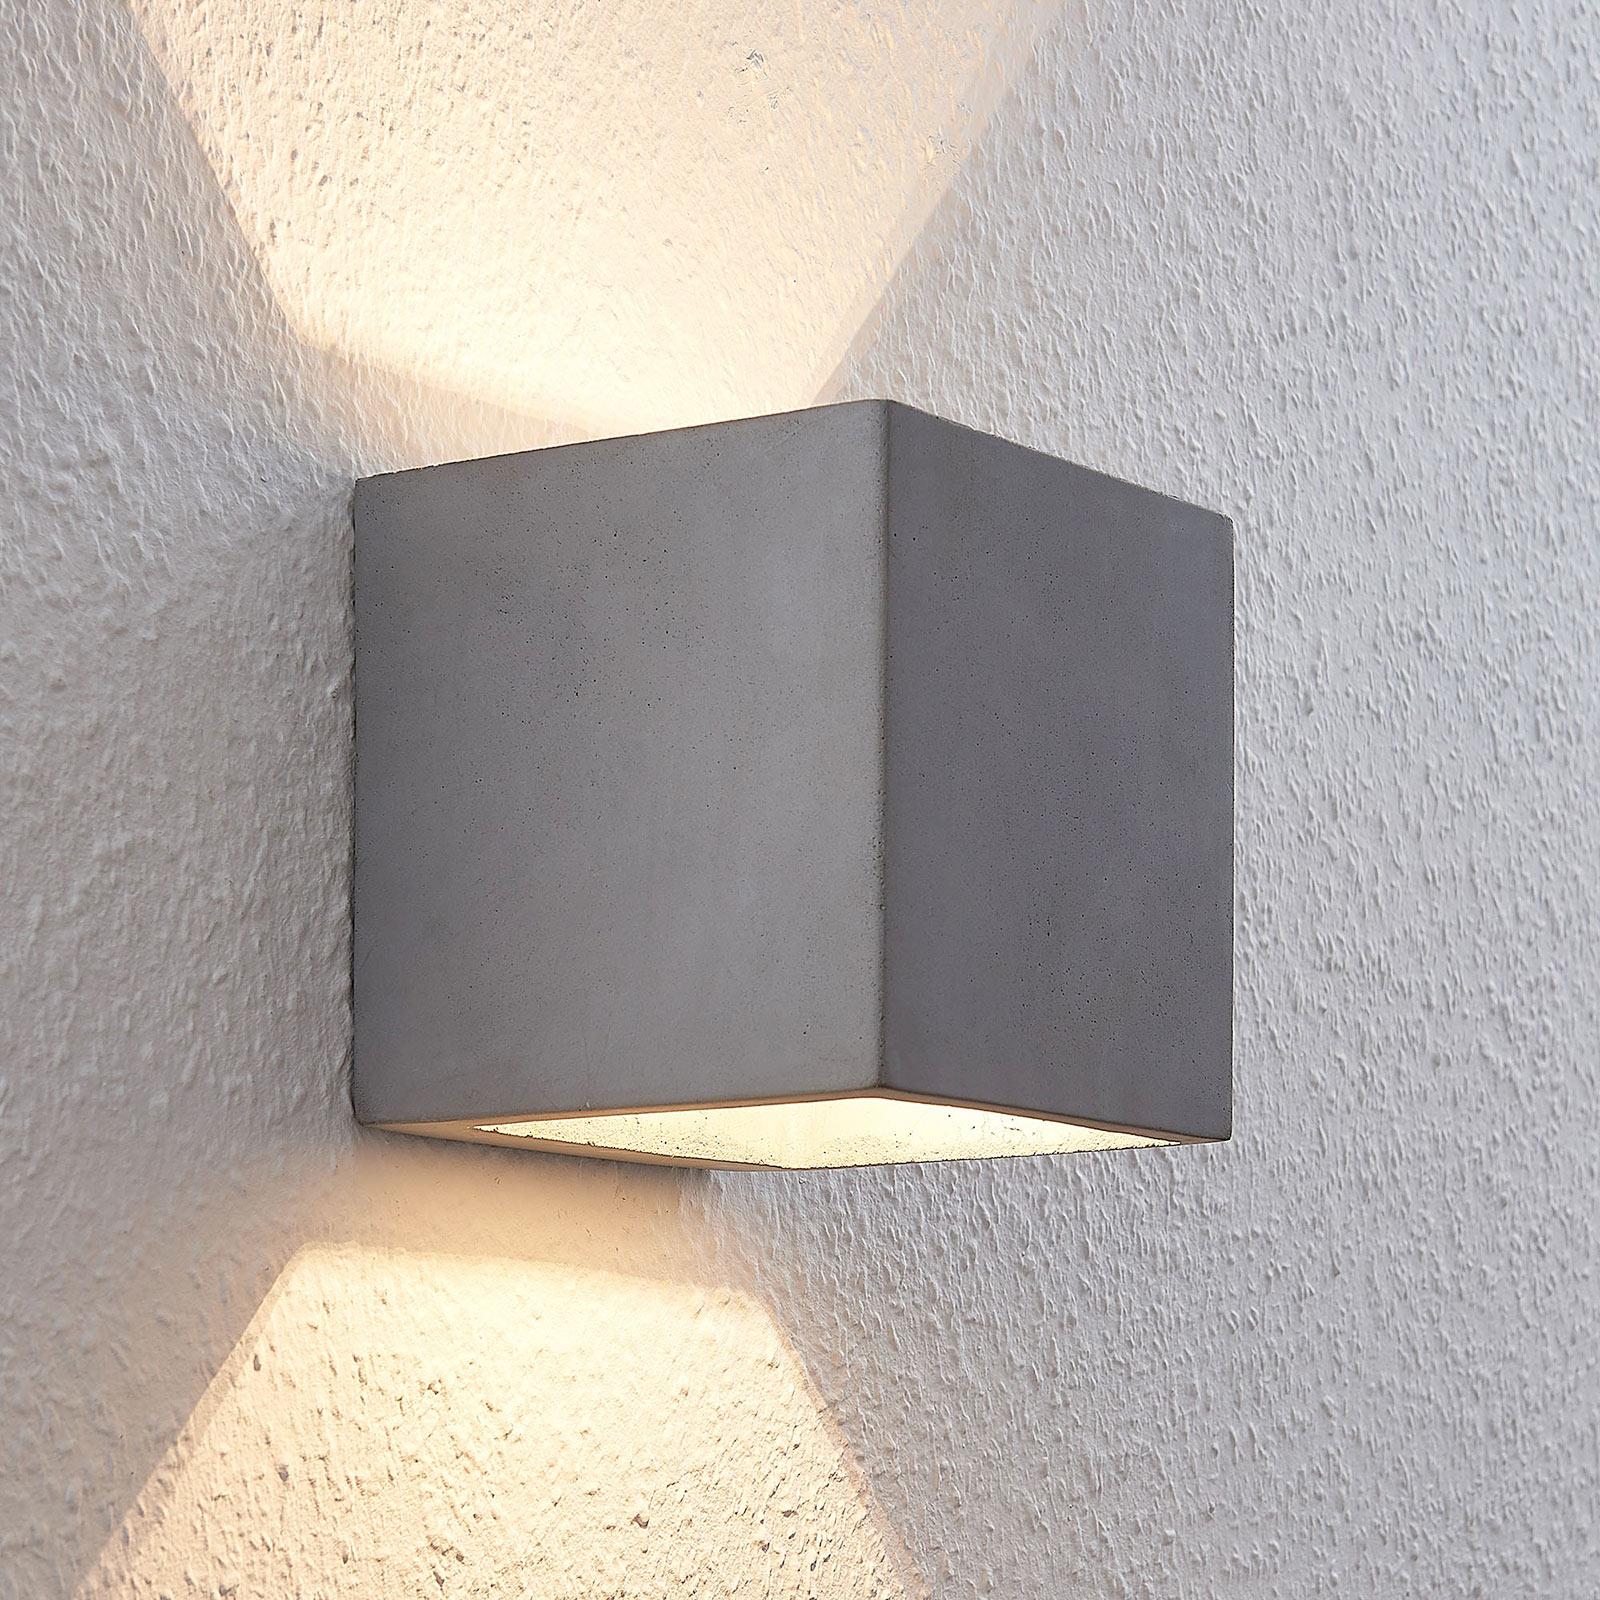 LED nástěnné světlo Keir z betonu